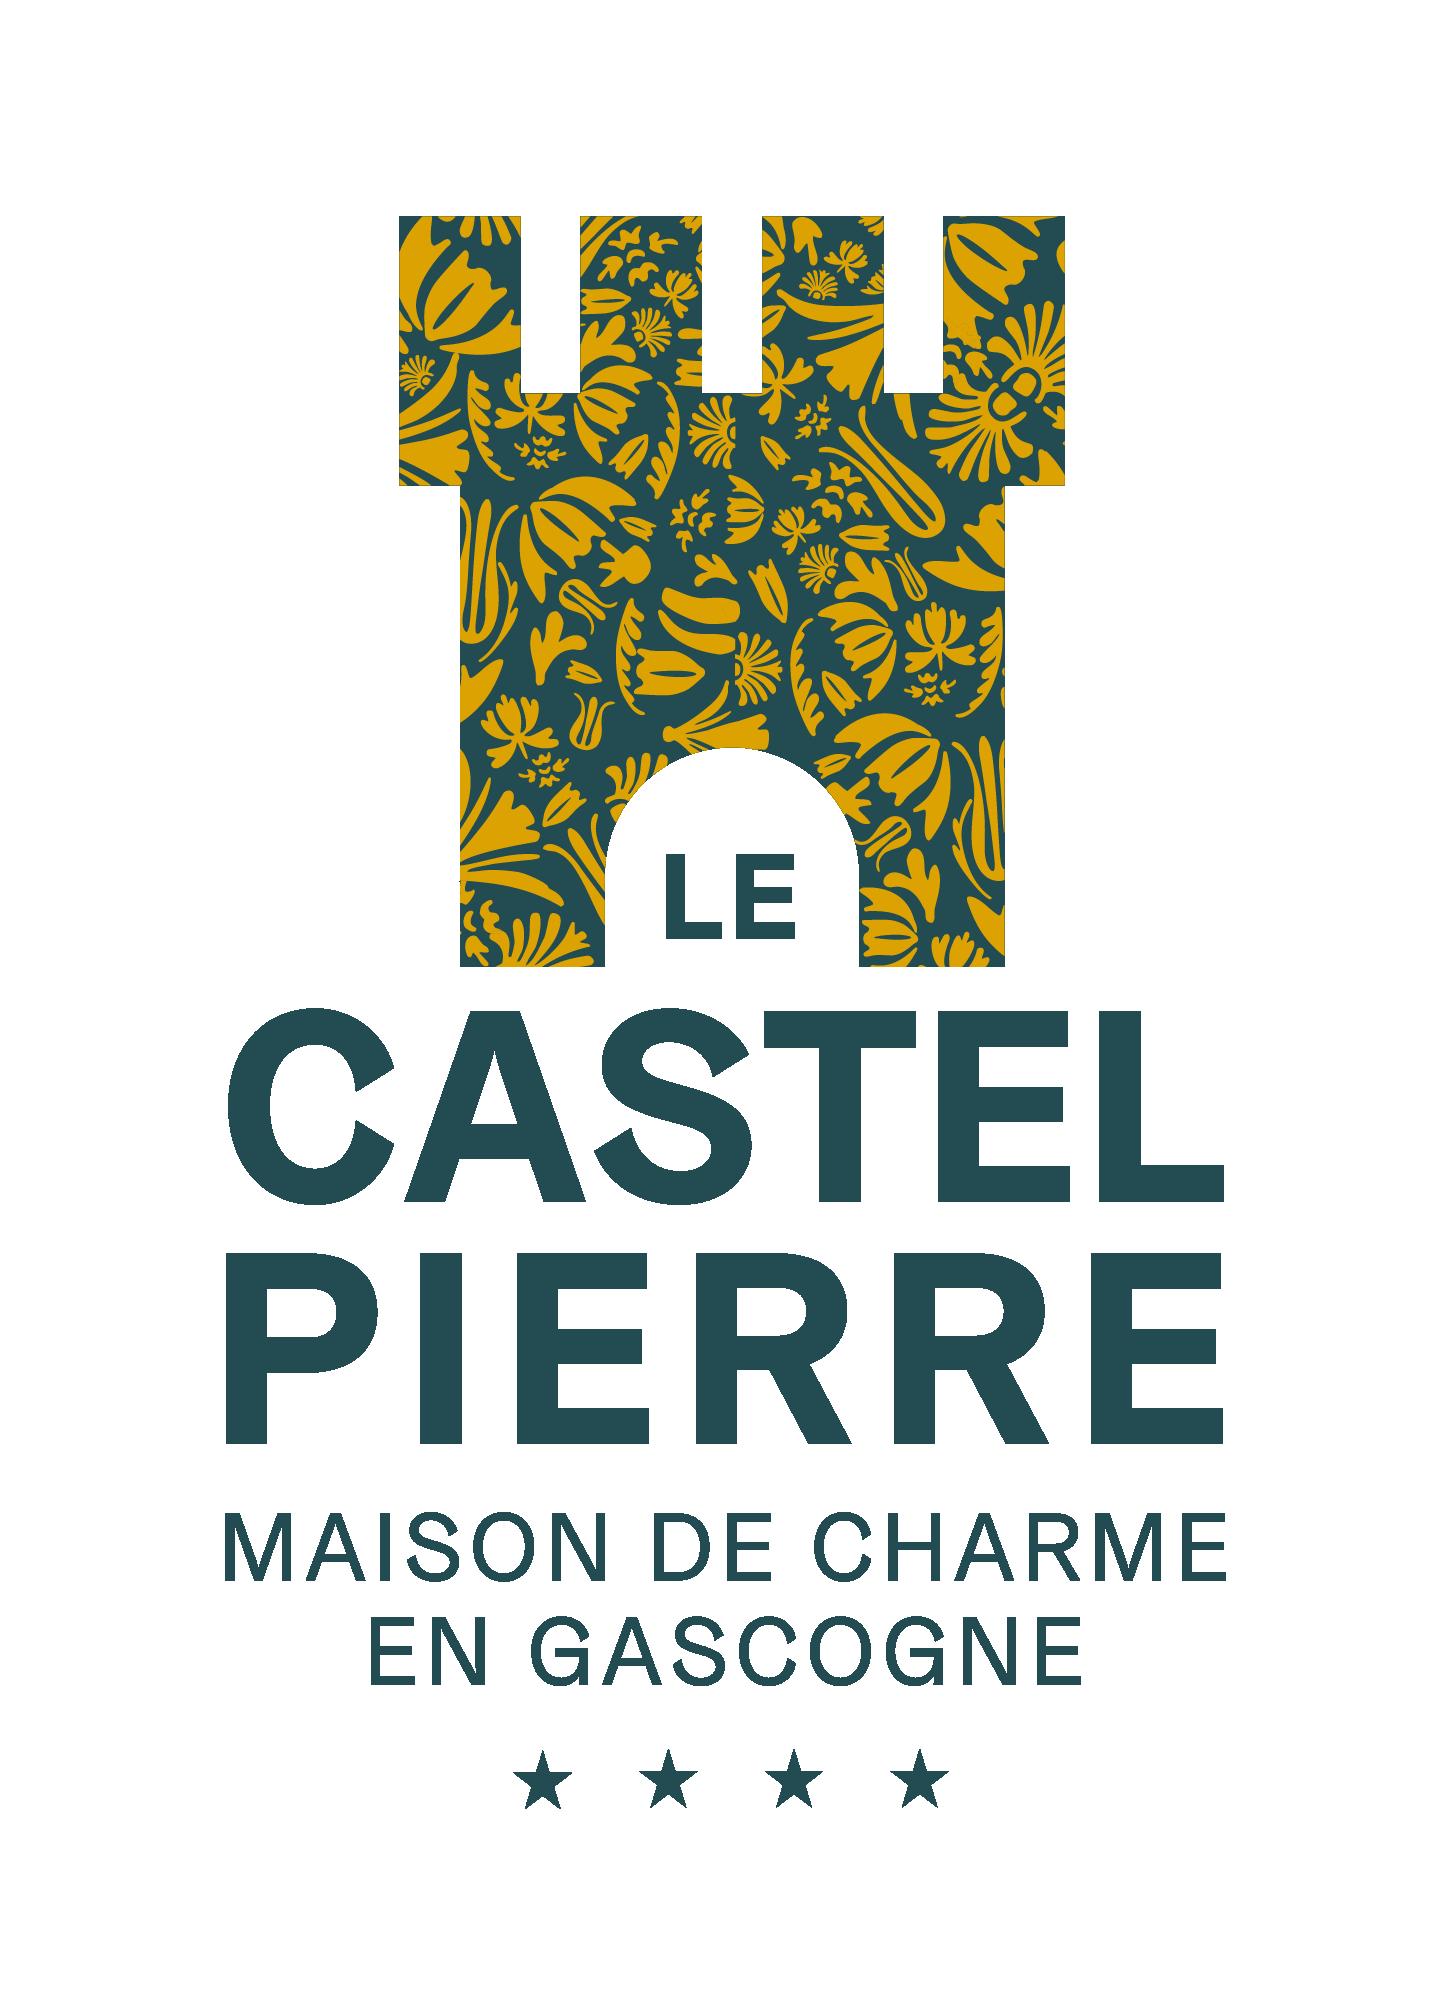 Séjour vacances luxe gers - Castelpierre de Lagraulet